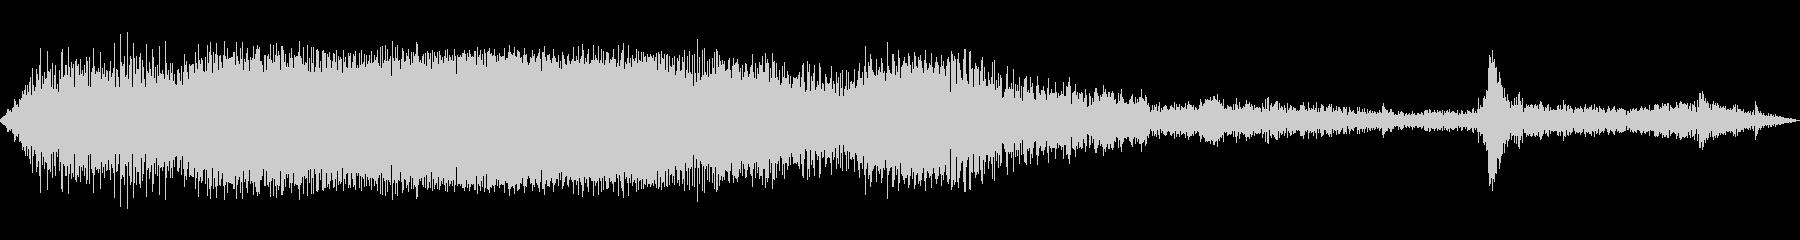 INT:リバース、ストップの未再生の波形